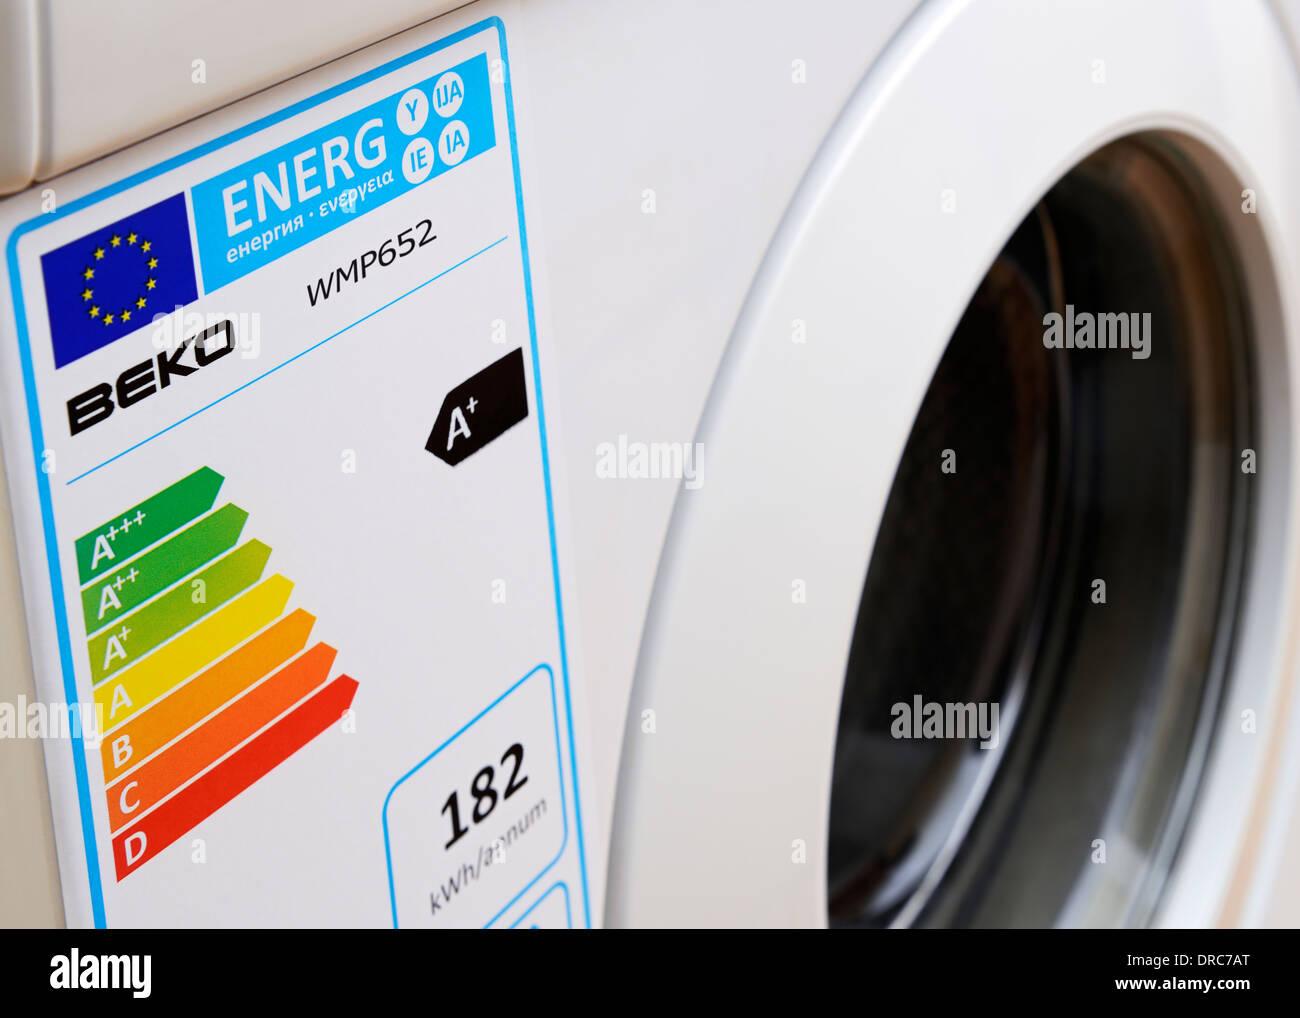 Energieverbrauch Siegel der Europäischen Union auf eine Waschmaschine. Stockbild